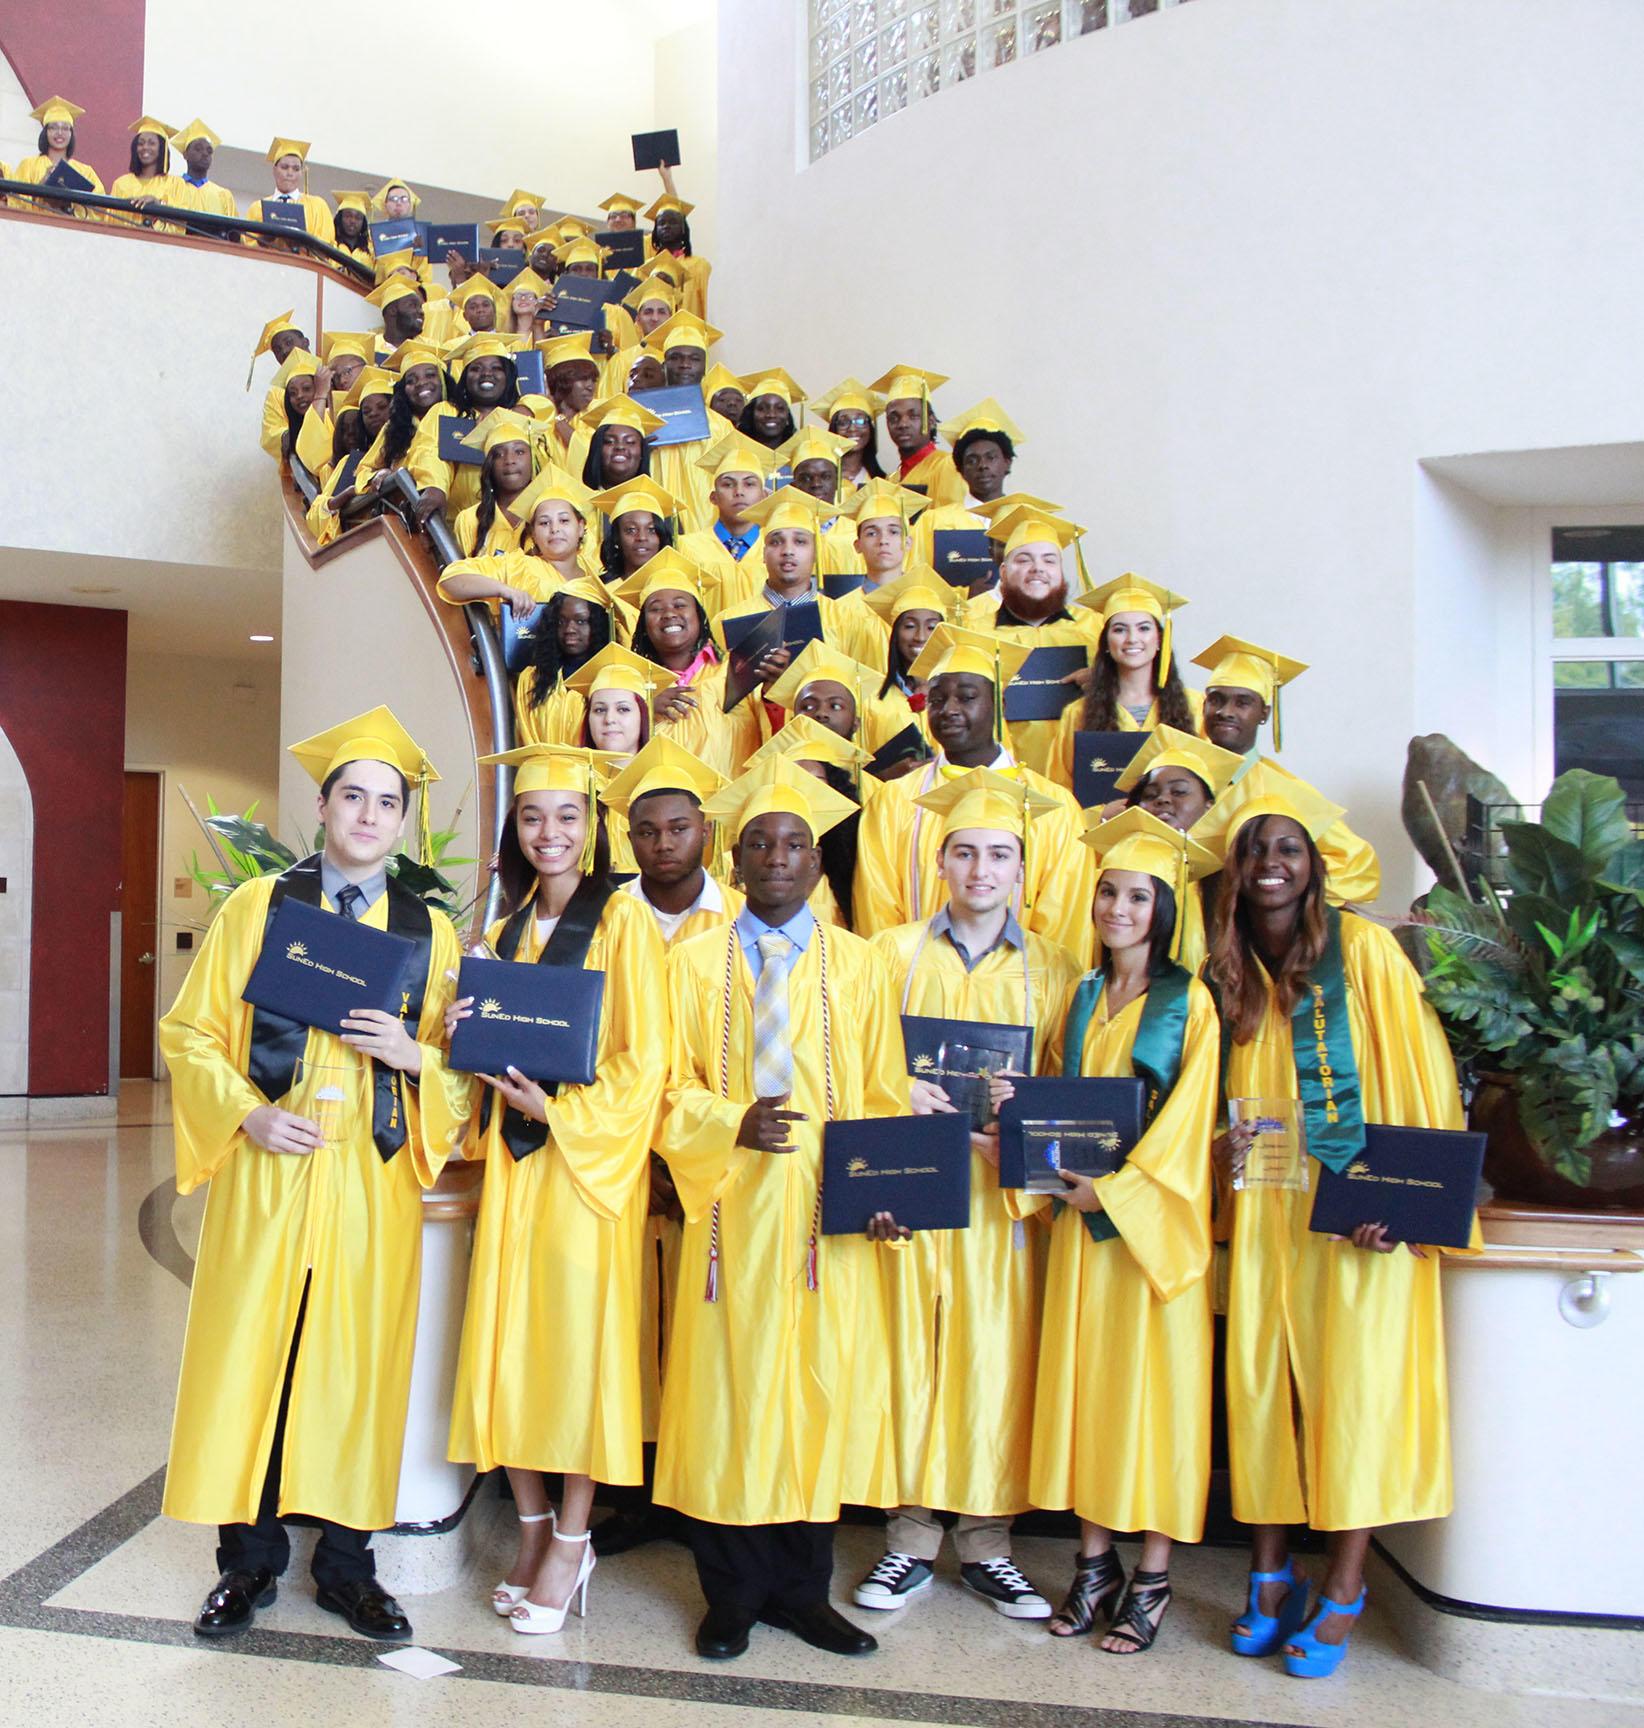 SunEd High School image 0